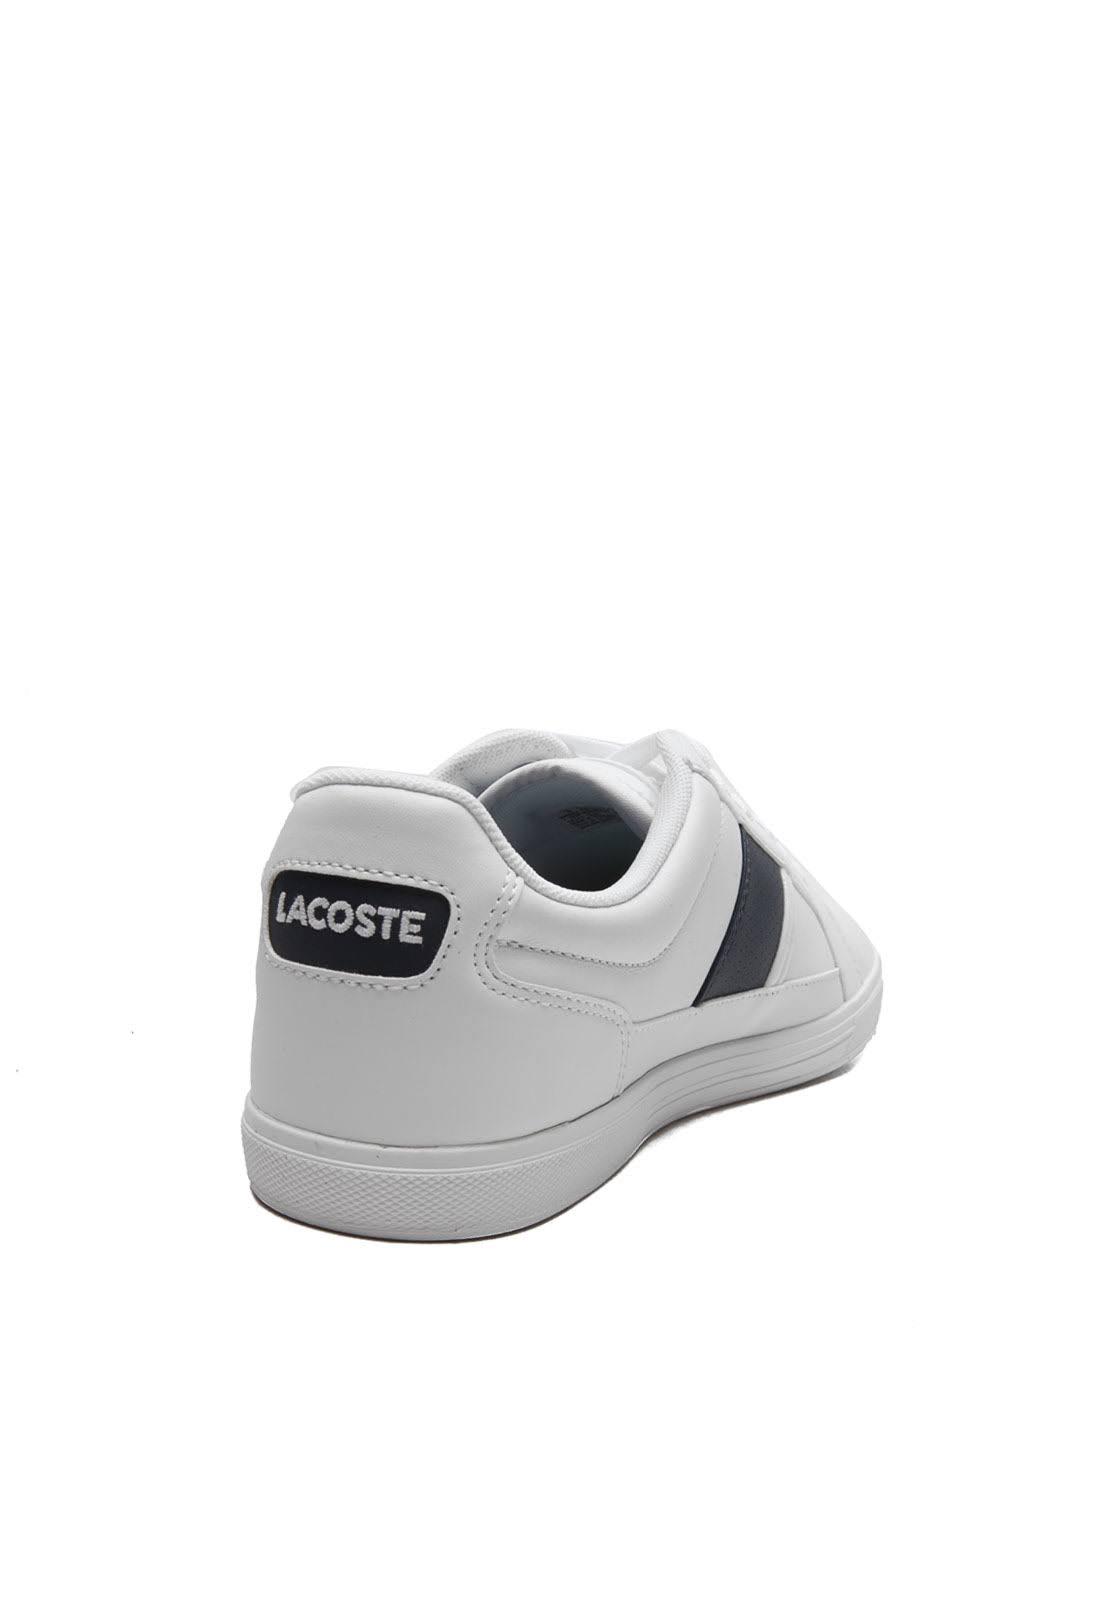 Europa Lcr3 Lacoste Europa Lcr3 ShoesBianco Lacoste w0P8nkNOXZ